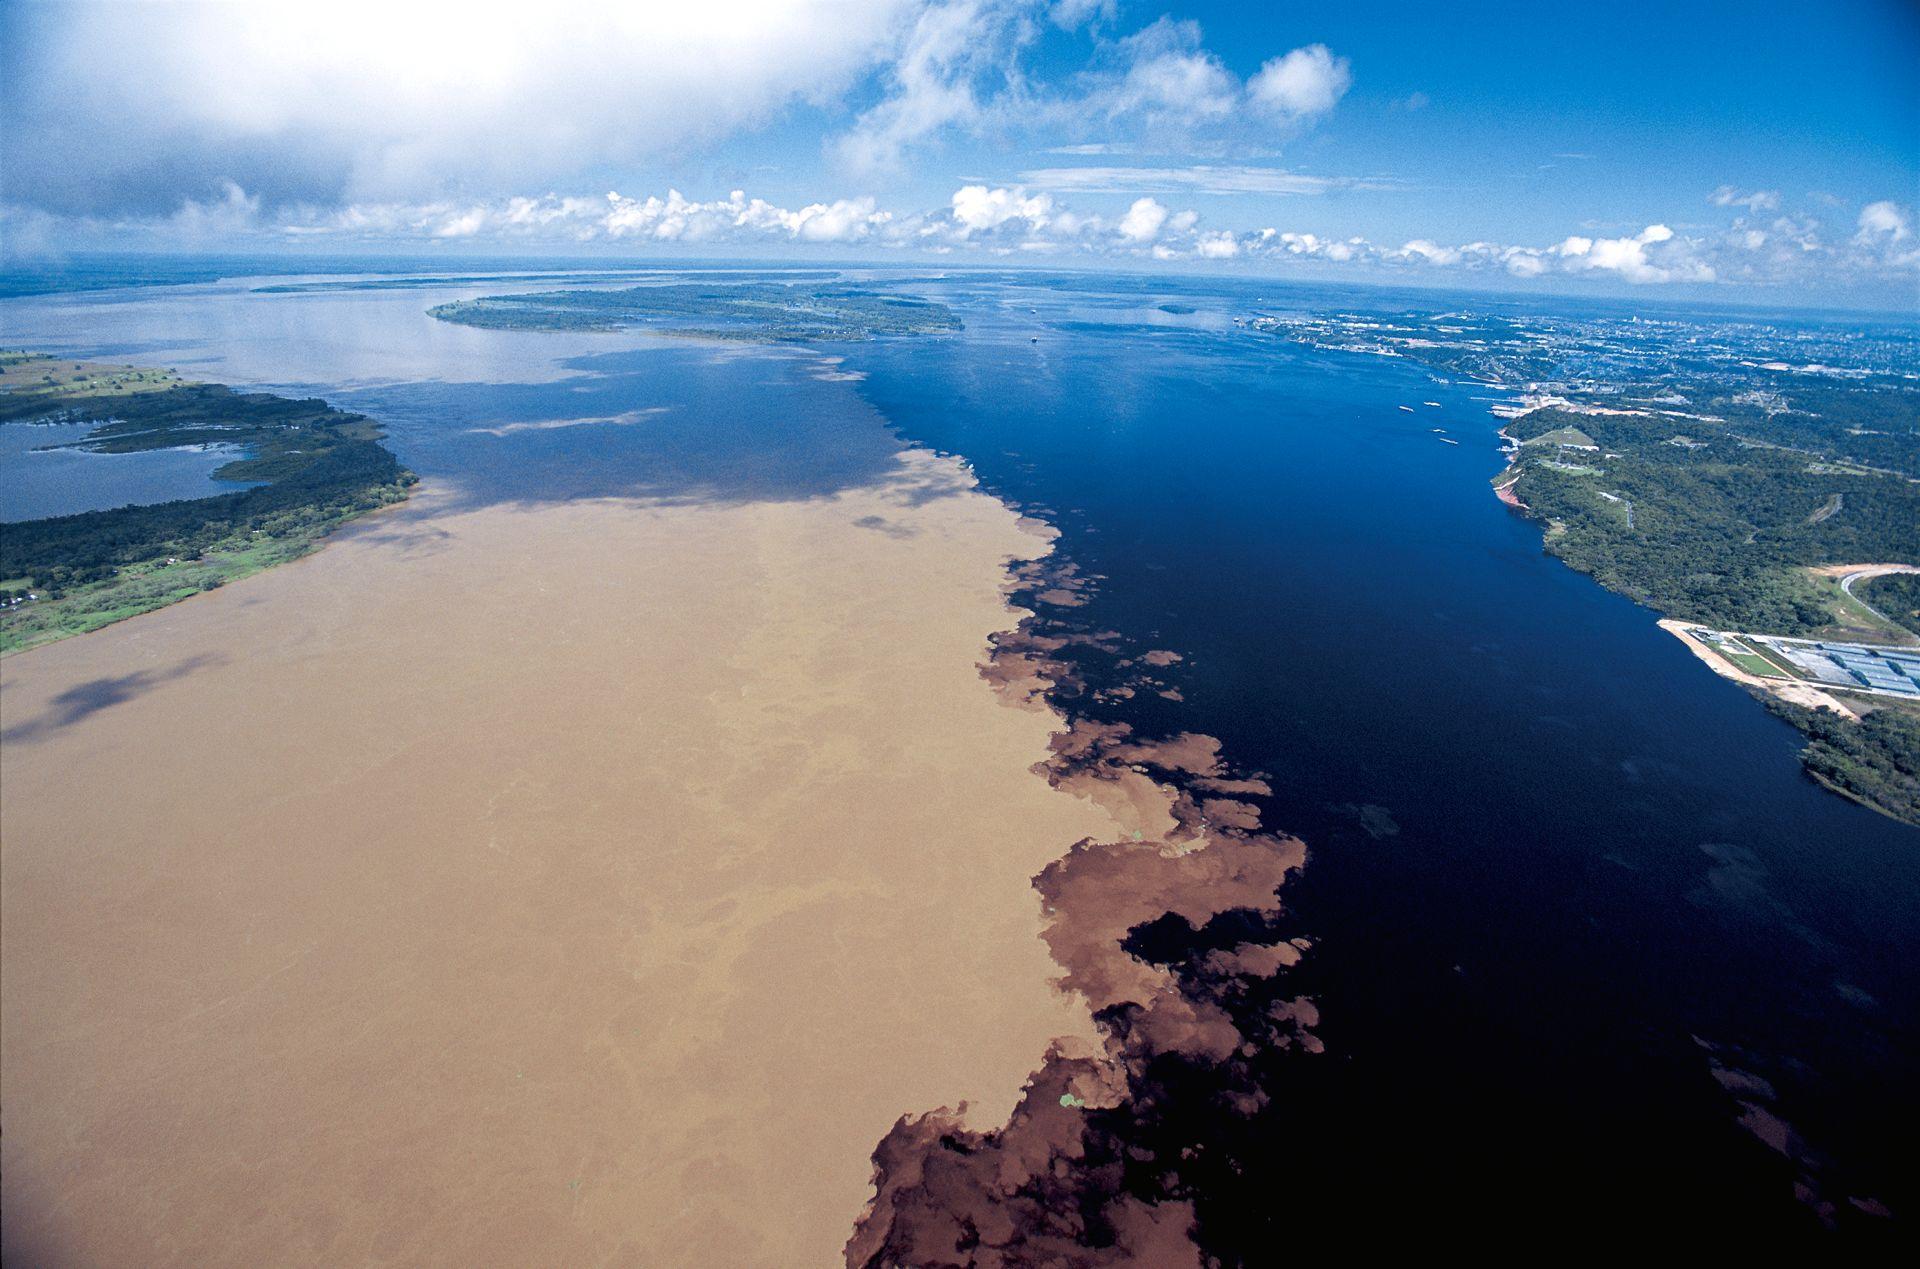 Молочная река, кисельные берега